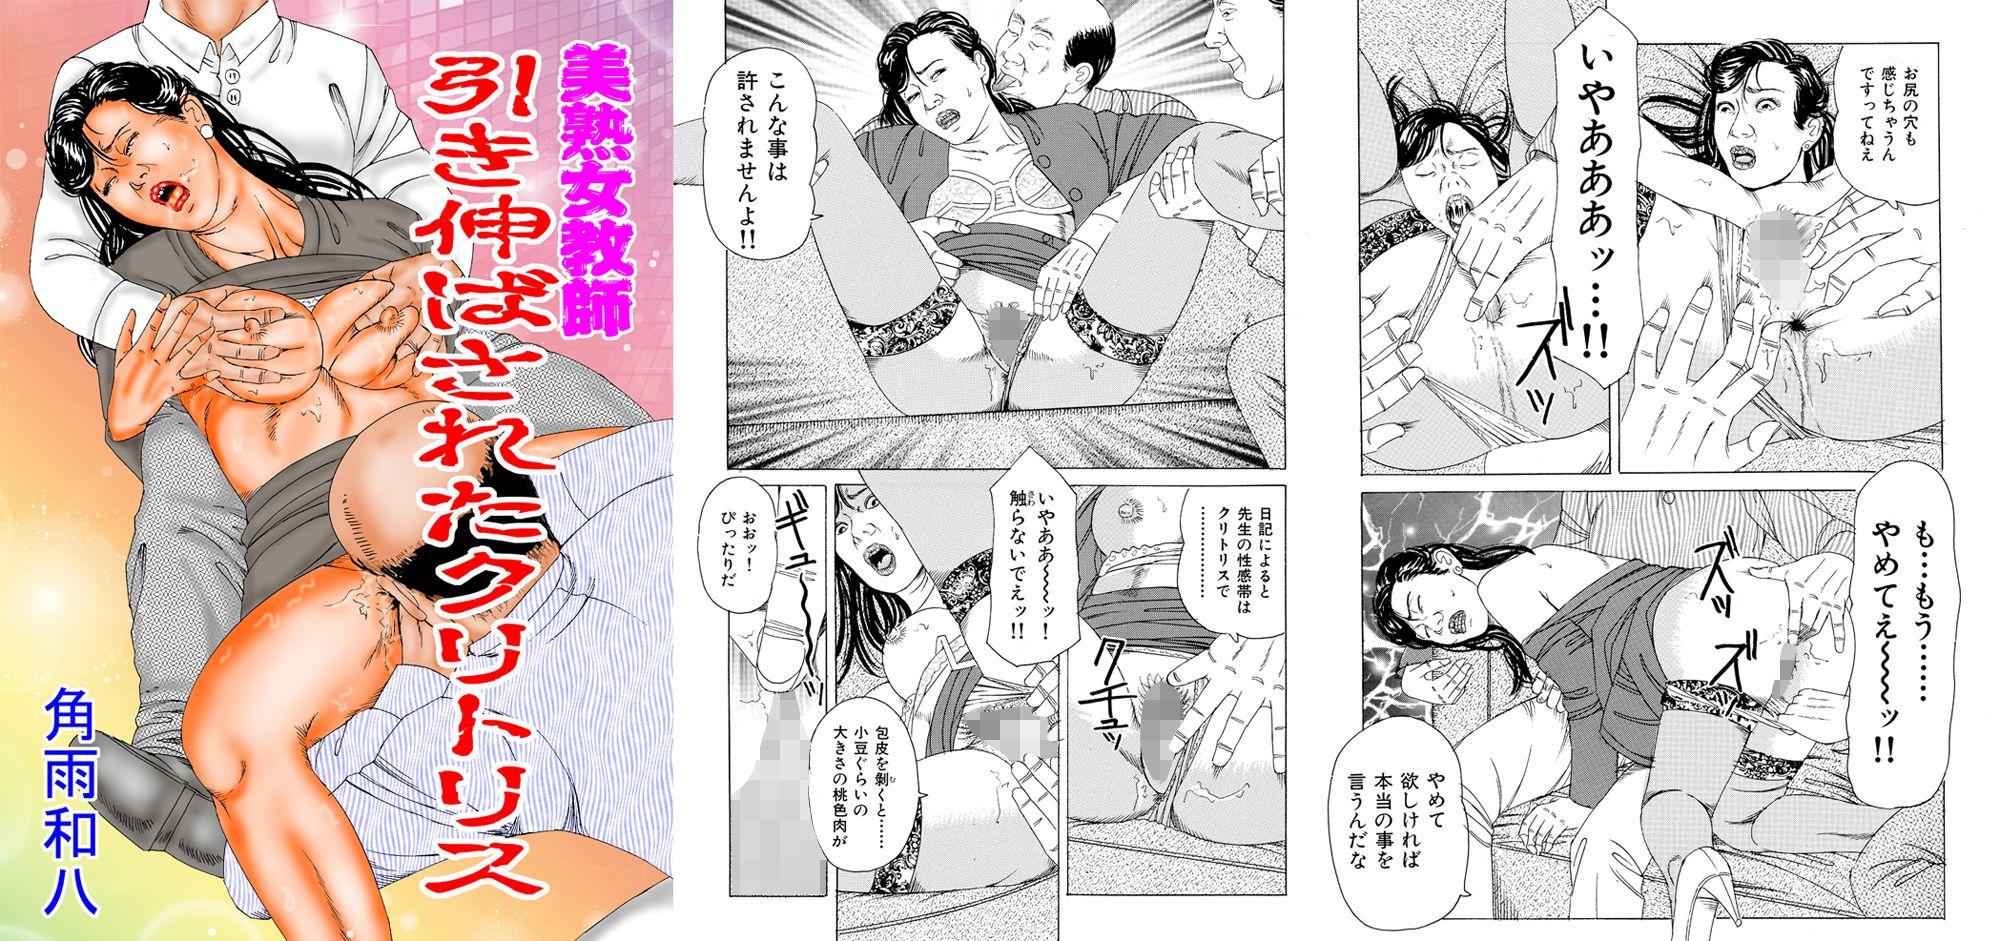 【熟女 フェラ】熟女女教師のフェラ強姦中出し辱め無理矢理輪姦の同人エロ漫画!